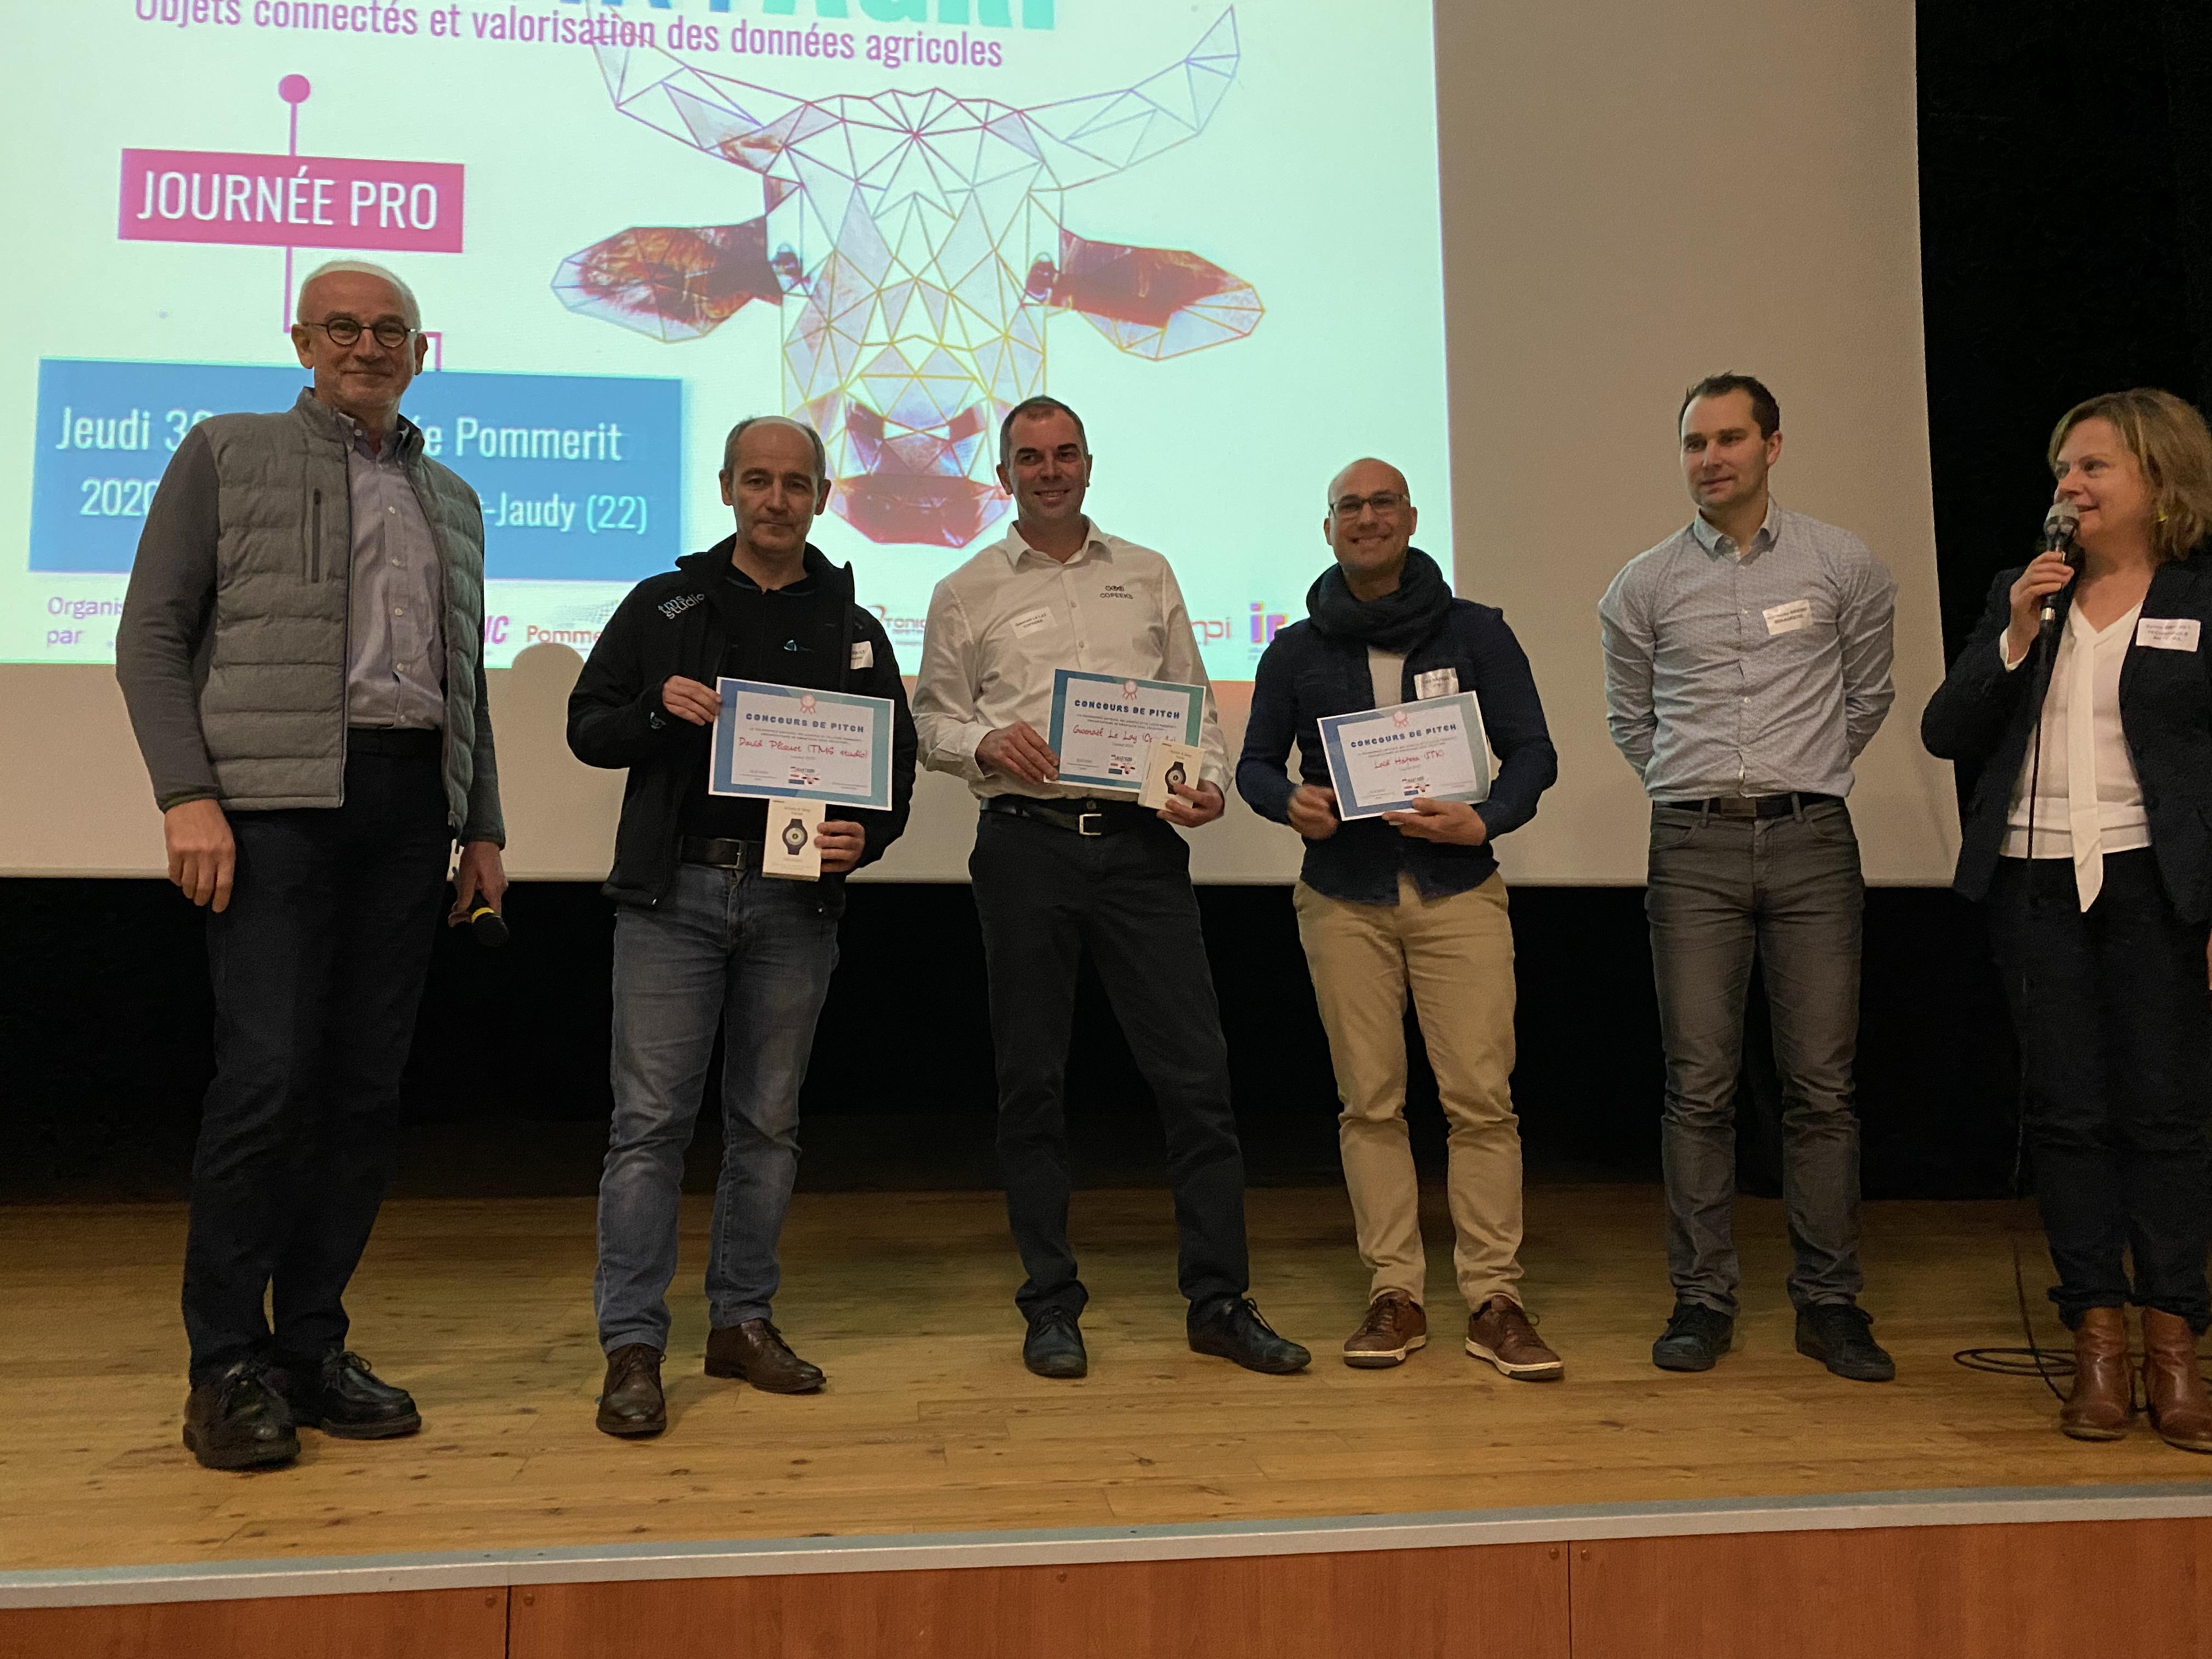 laureats-pitch-smartagri